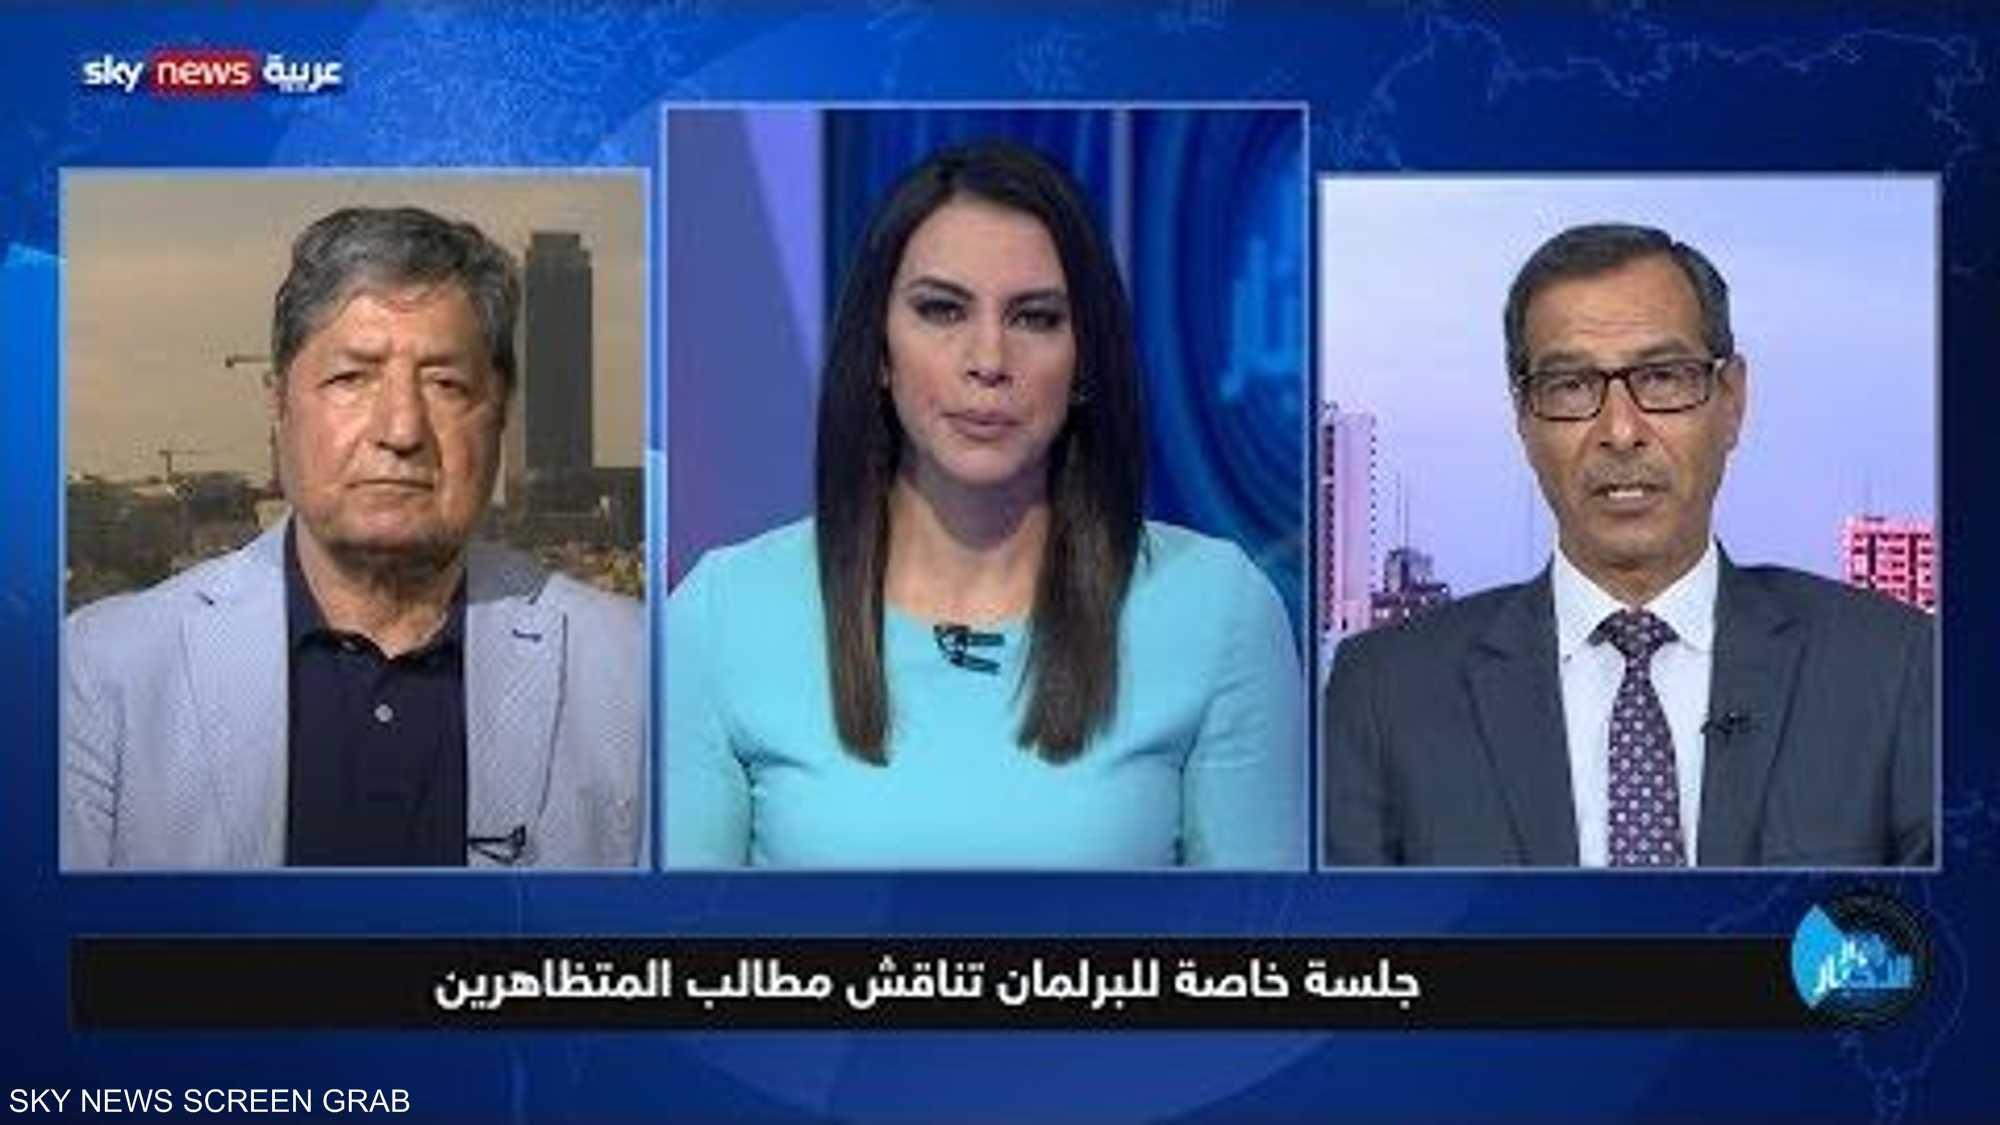 أسبوع على الاحتجاجات الشعبية في العراق